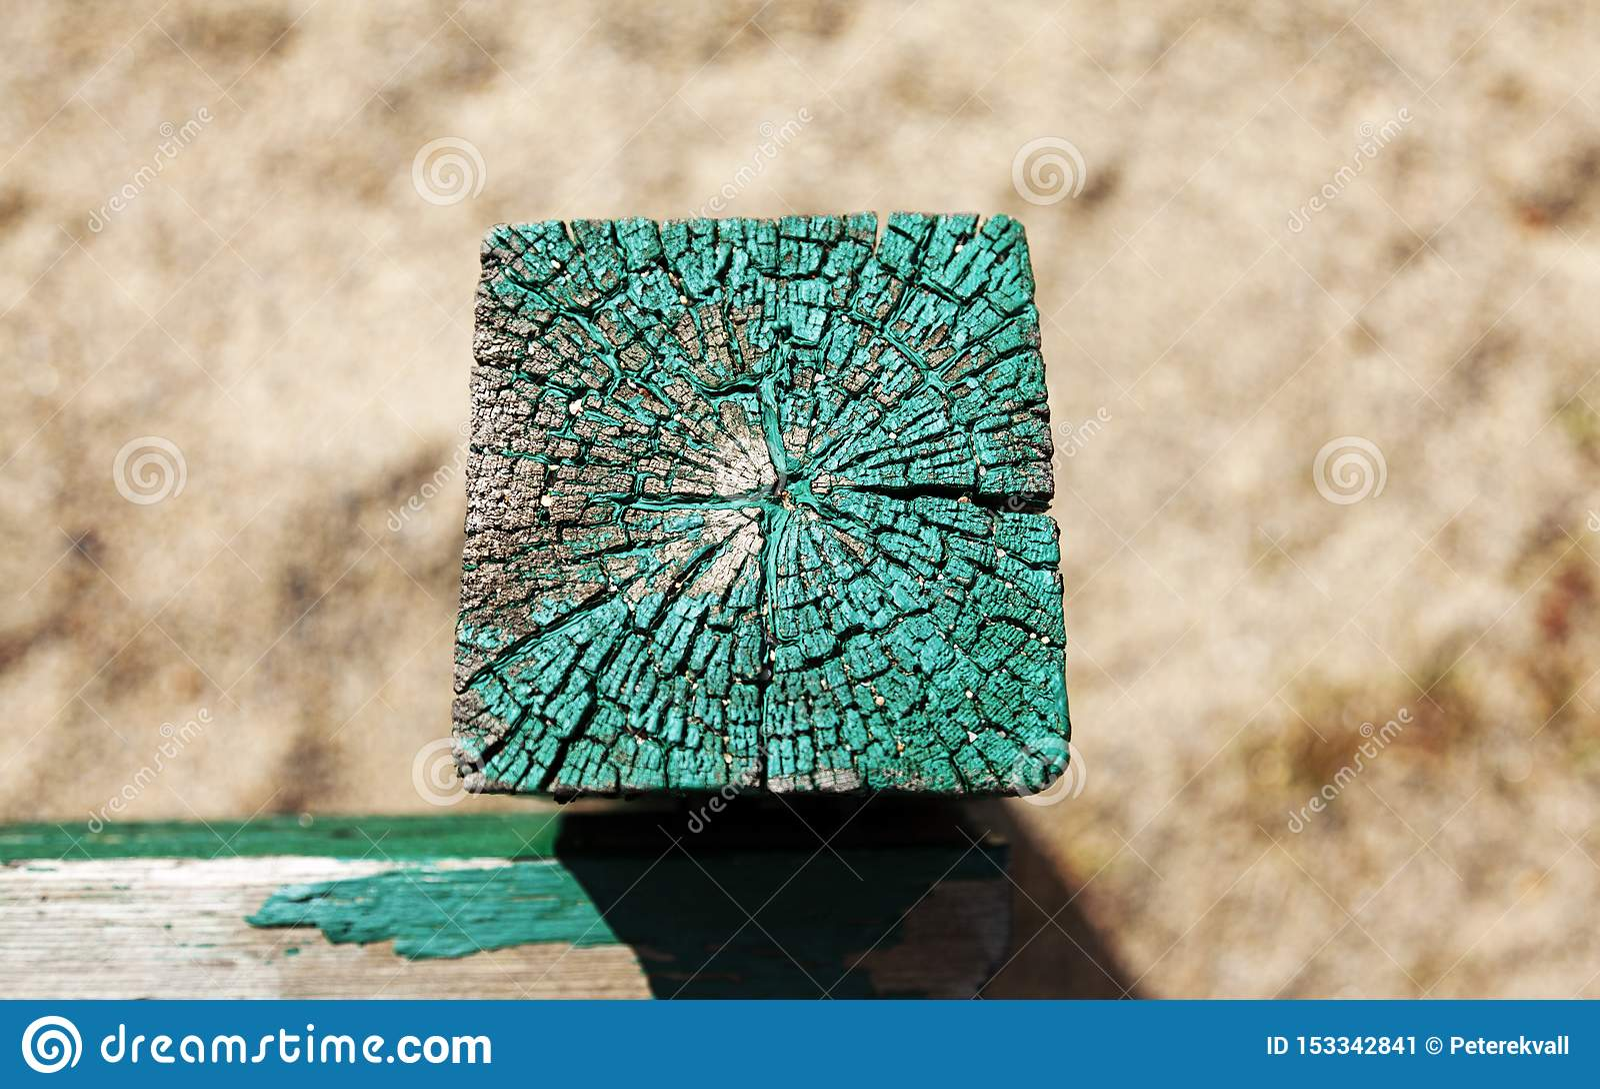 Zielona drewniana poczta w piaskownicie jak widzieć z góry